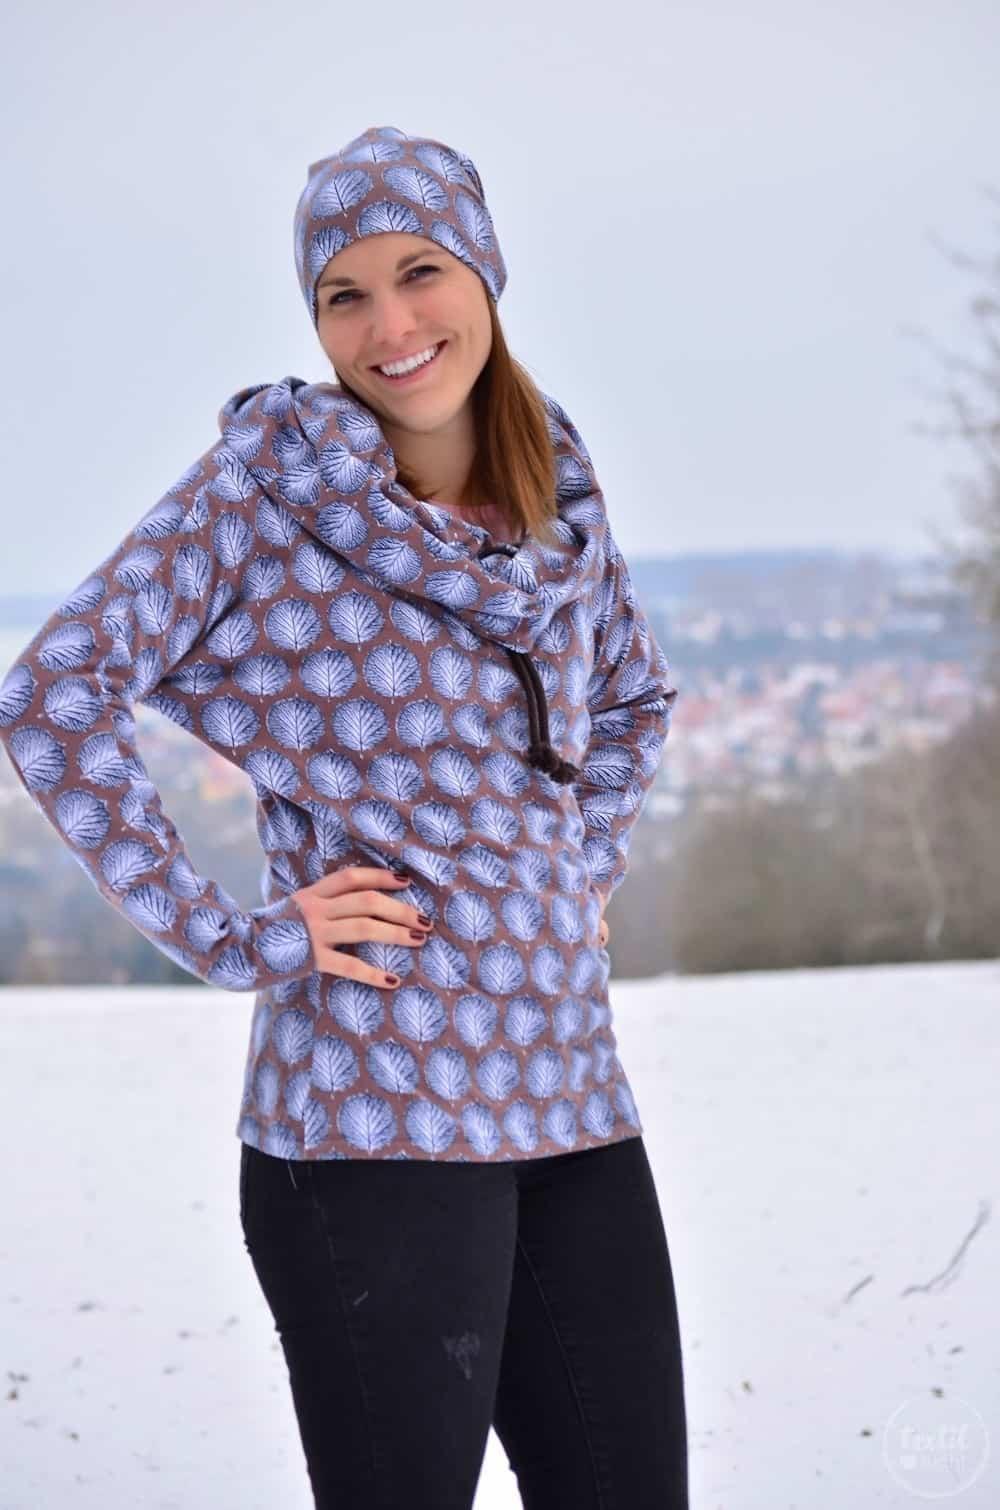 Mein neues selbstgenähtes Wintershirt: Lillestoff Winterblatt trifft auch Frau Madita - Bild 8   textilsucht.de